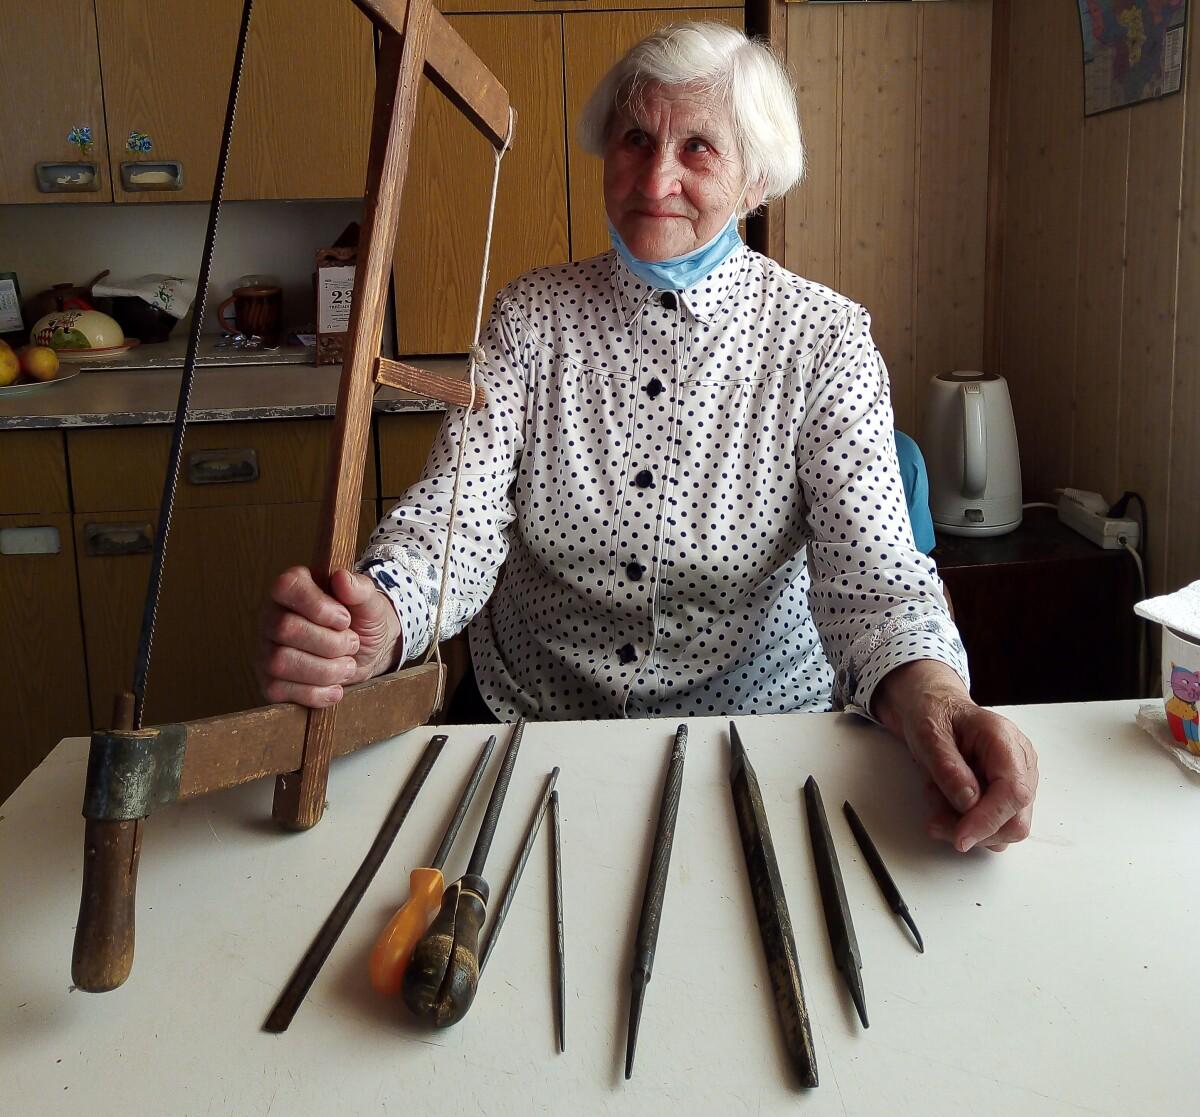 G.Matiukienė visą gyvenimą sunkiai dirbo ir tik išėjusi į pensiją pradėjo kurti rankdarbius.